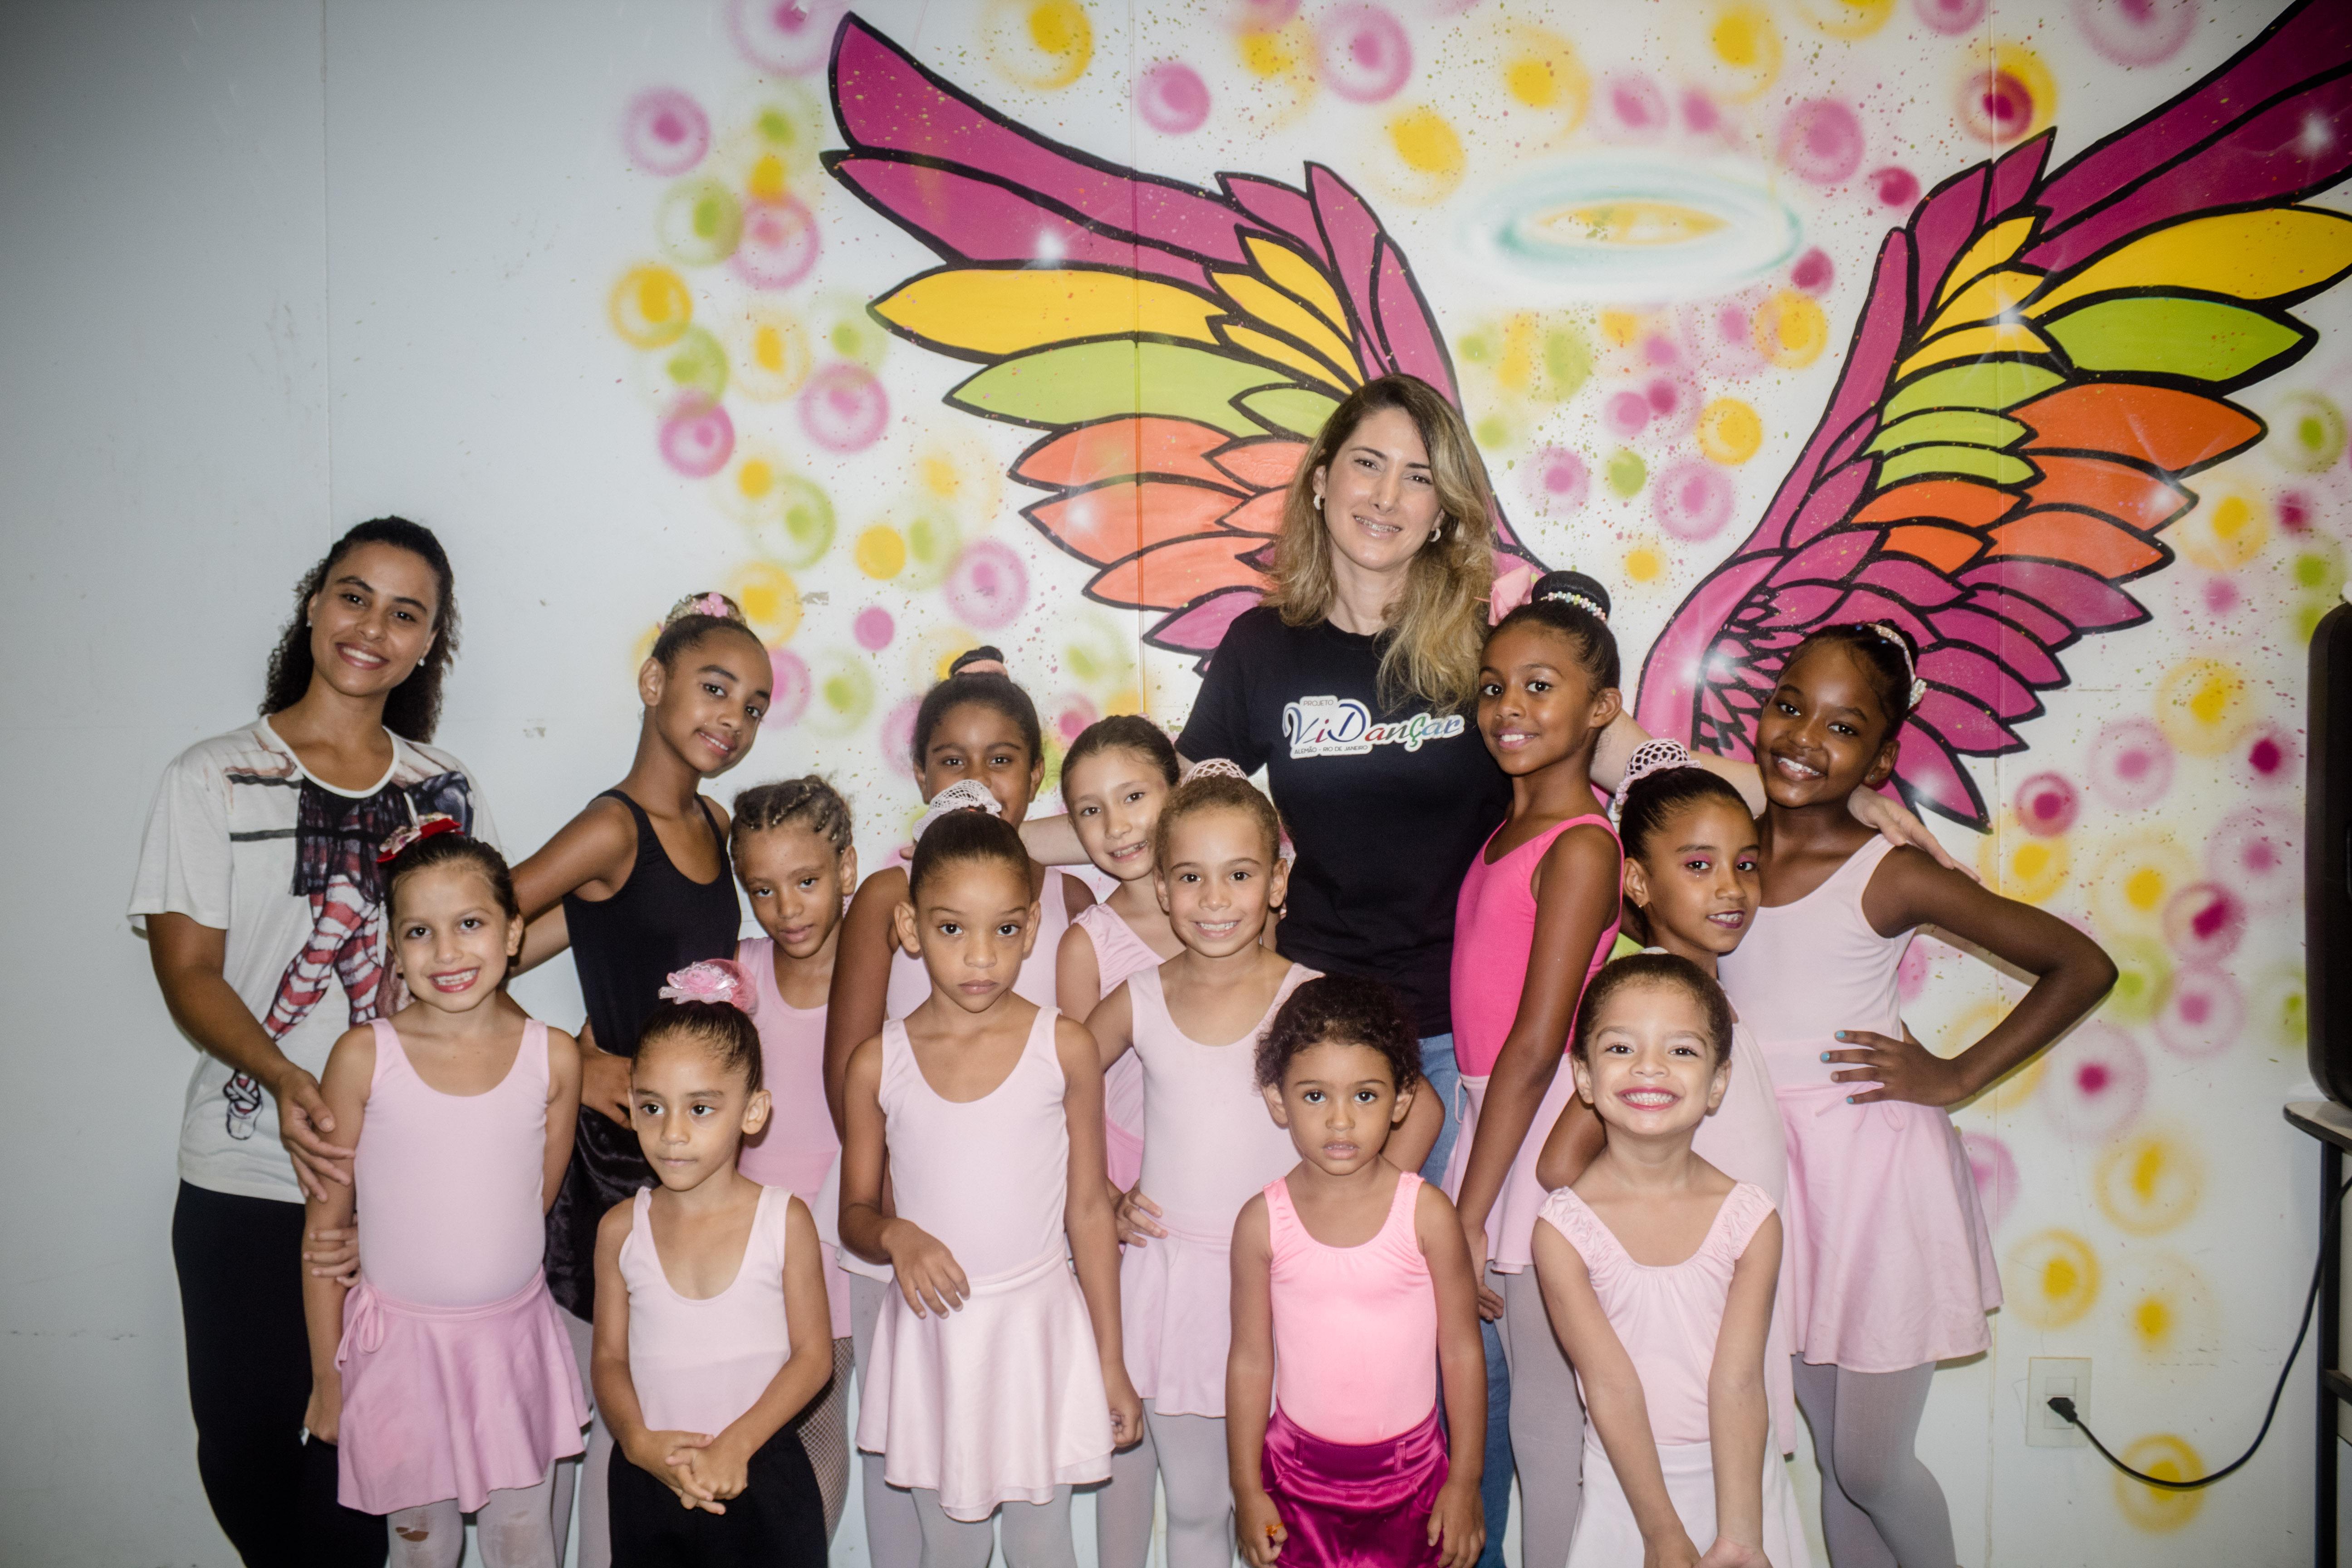 Bailarinas do ViDançar são aprovadas no Theatro Municipal, mas projeto corre risco de acabar